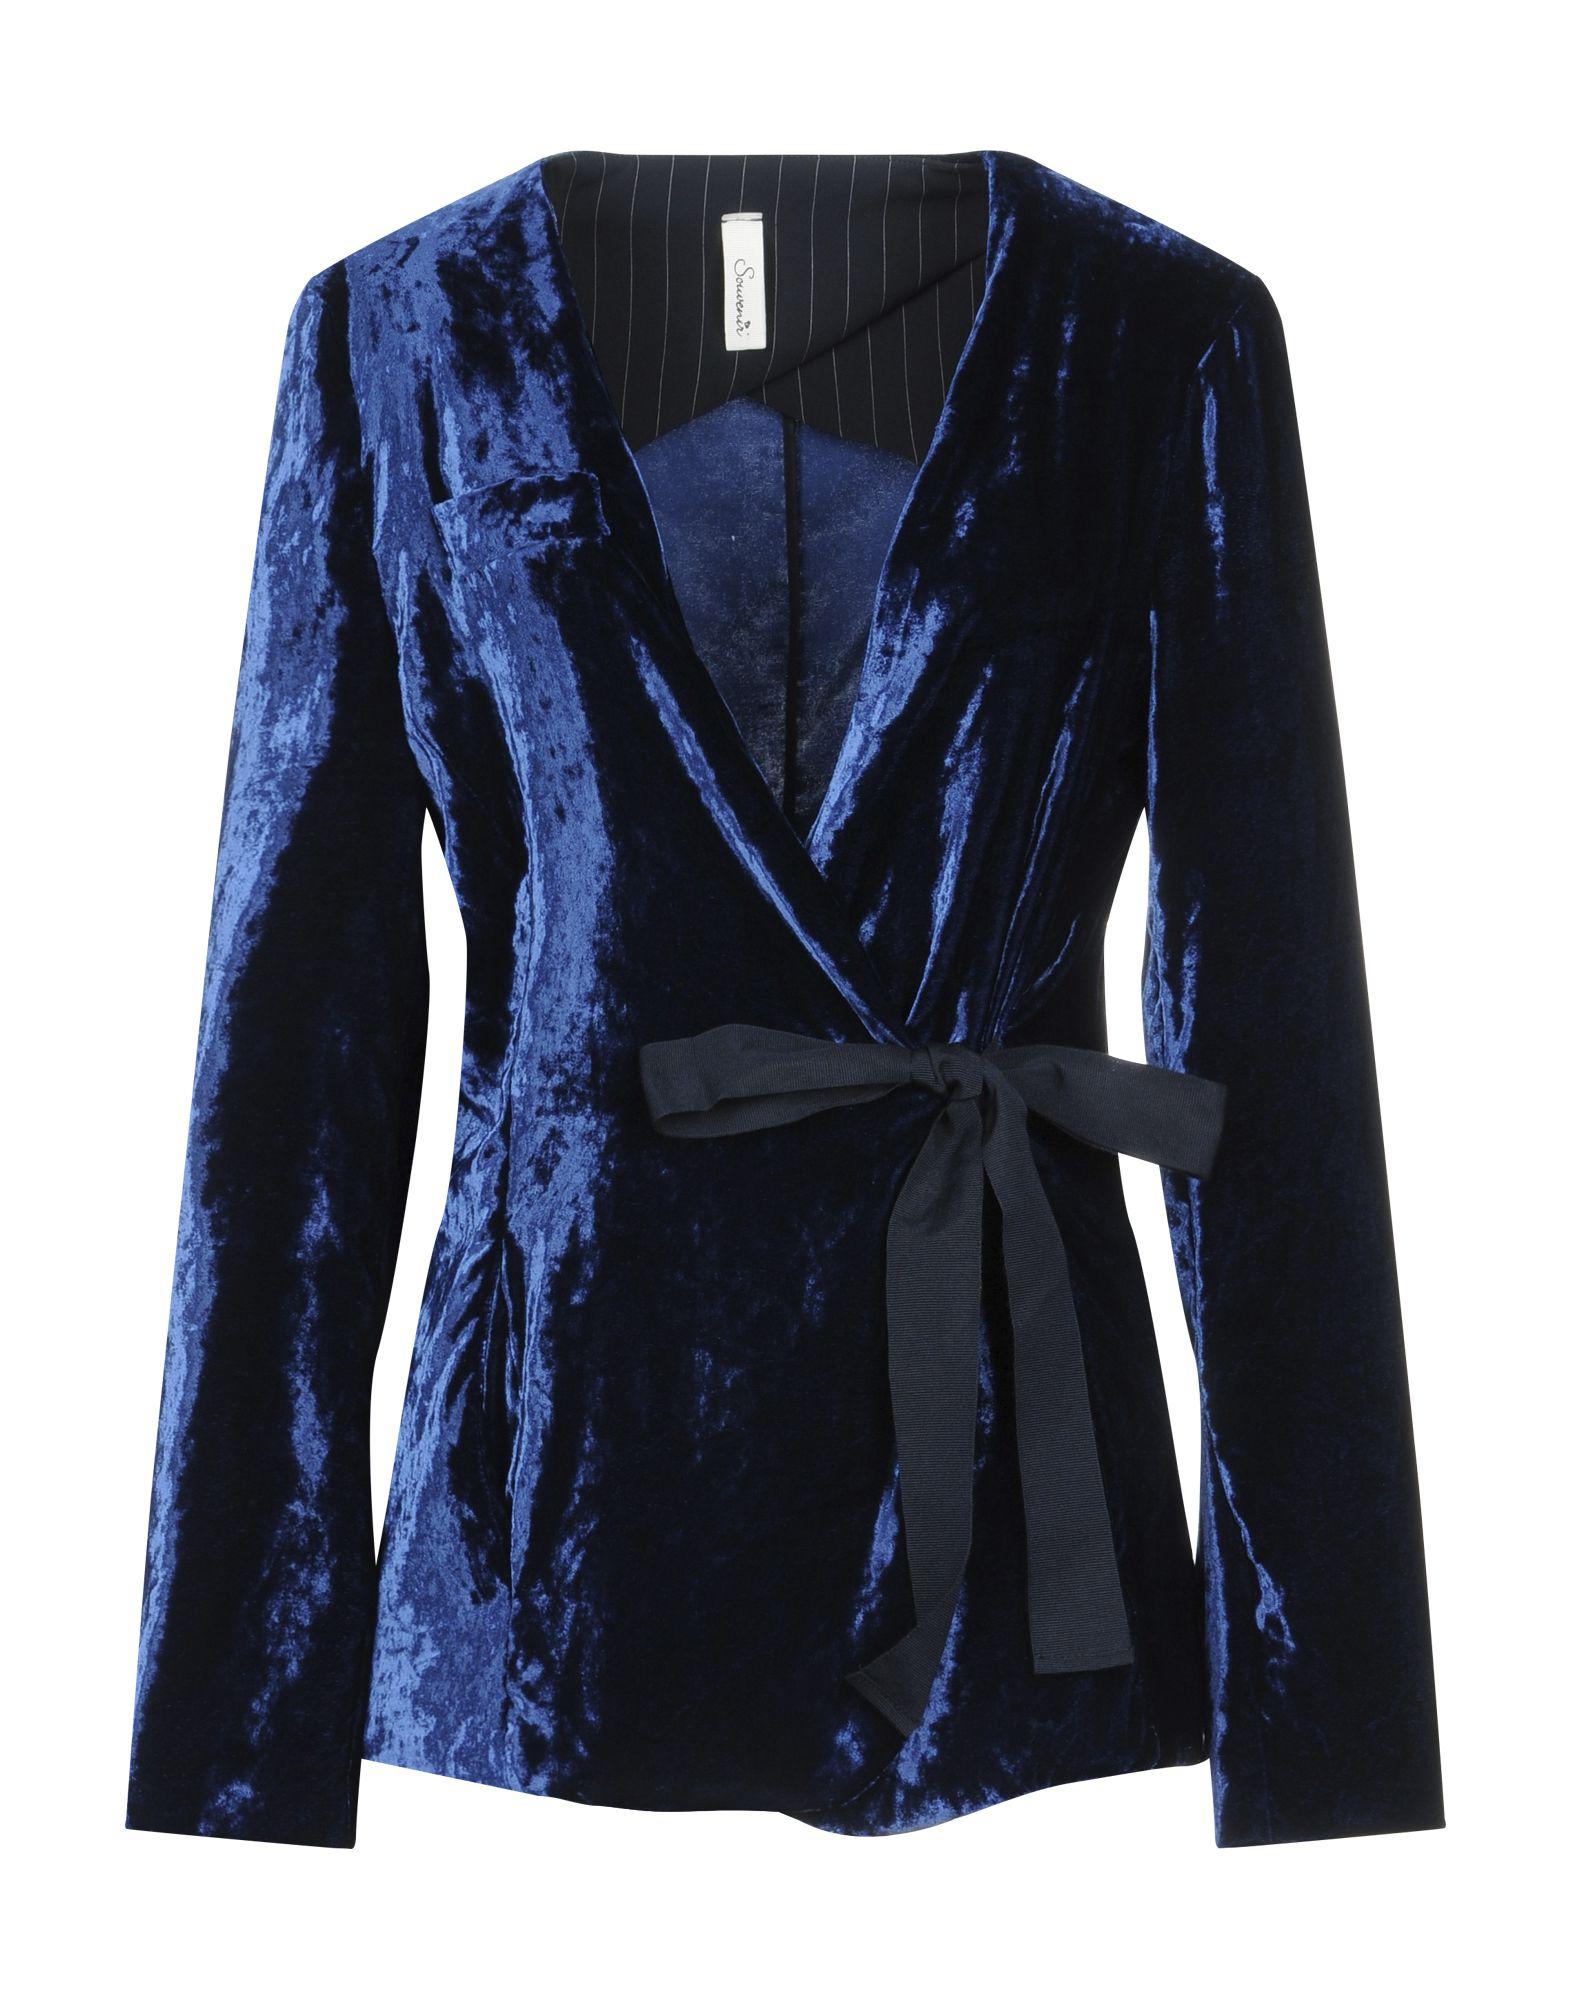 Γυναικεία Βελούδινα Σακάκια Online - Κορυφαία προϊόντα  caad65744d5